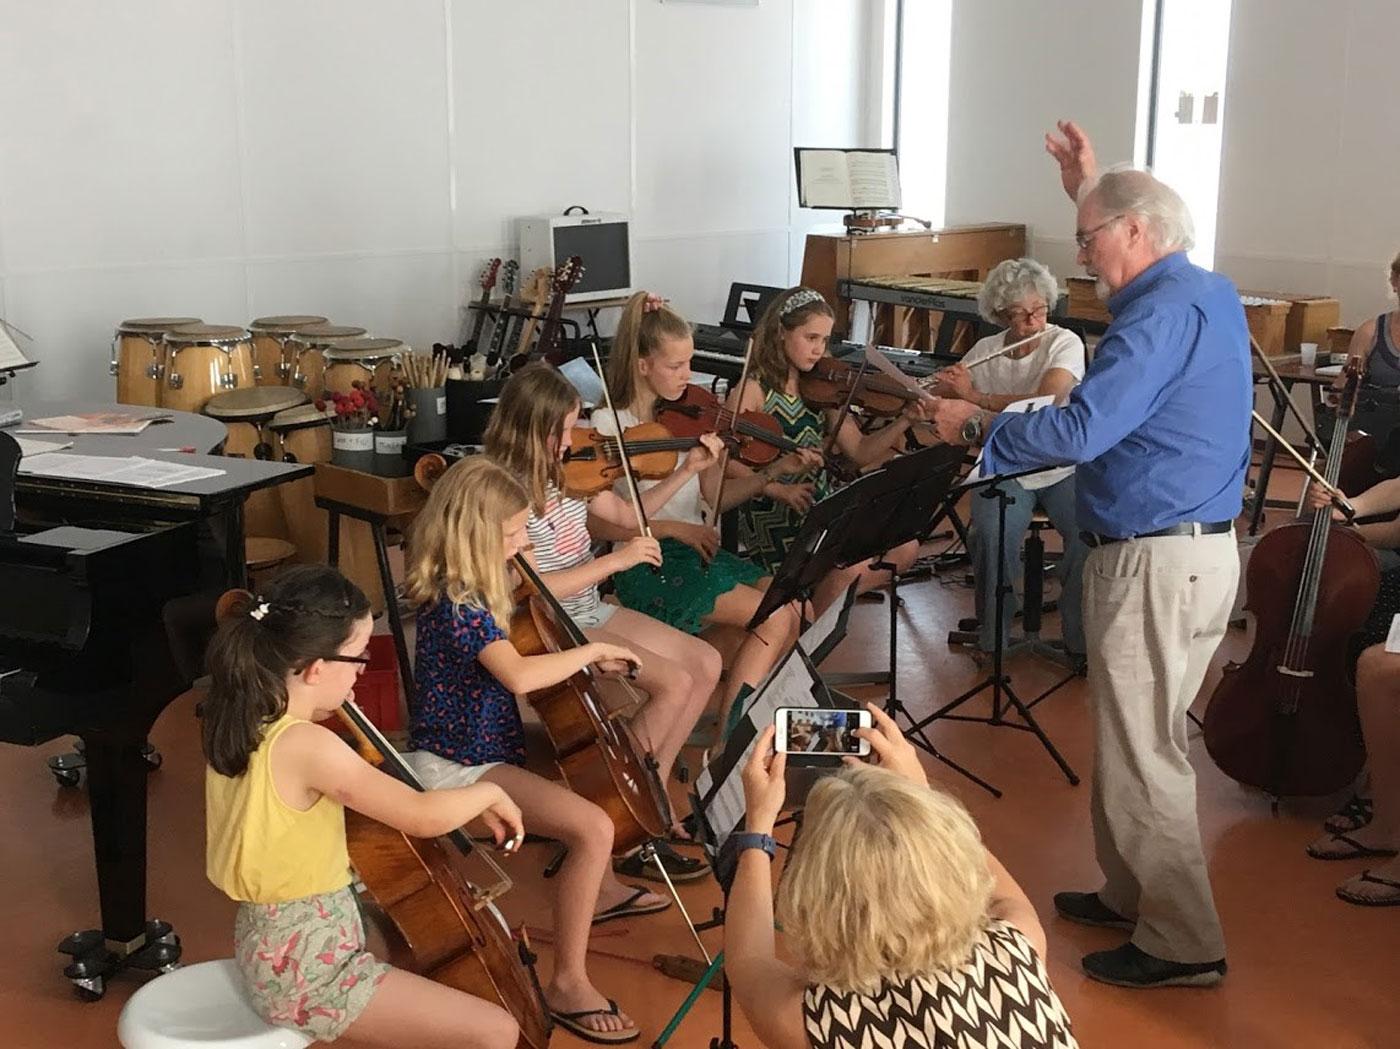 2019 06 29 Stijkers En Dwarsfluit Met Gastdirigent Peter Kamermuziekdag Symfonieorkest Bloembollenstreek